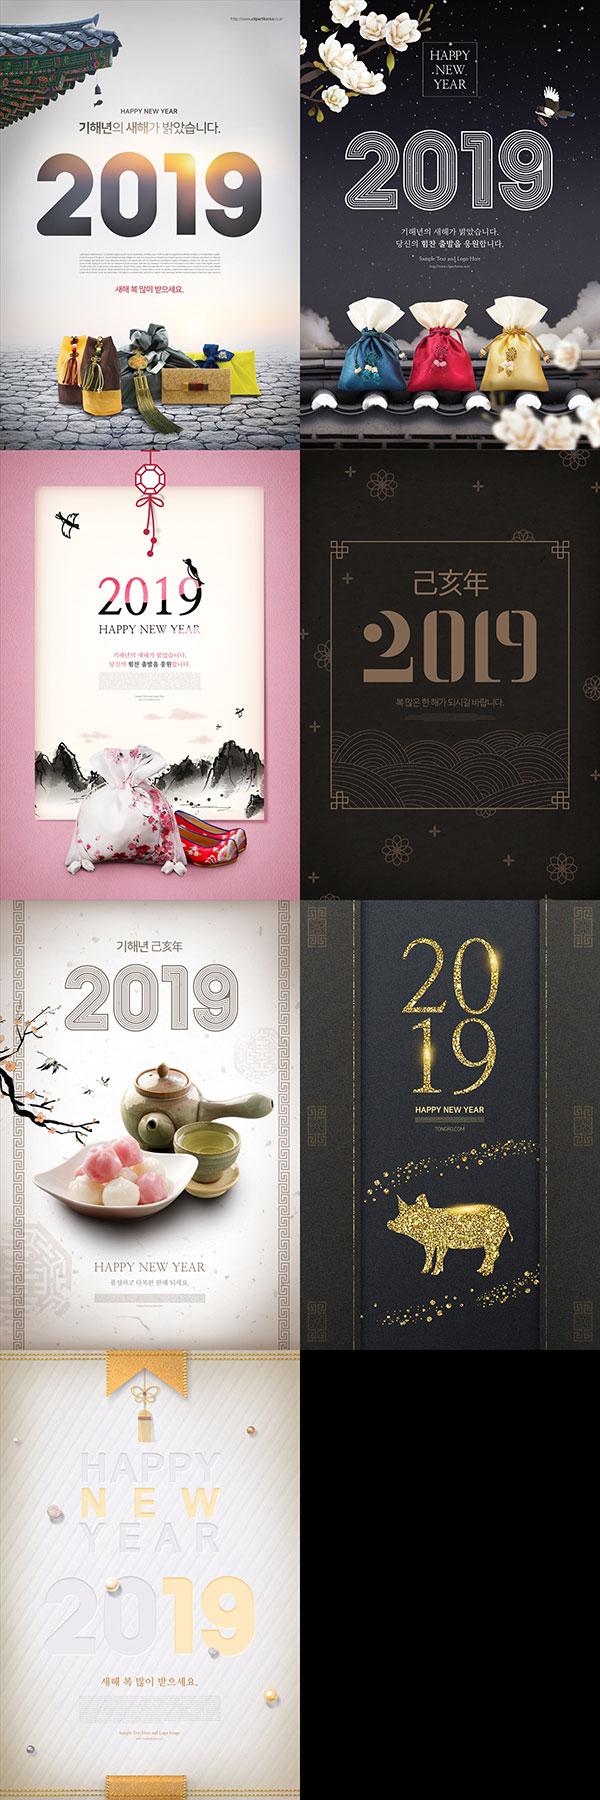 素材分类: 海报传单所需点数: 60 点 关键词: 2019猪年传统海报,传统